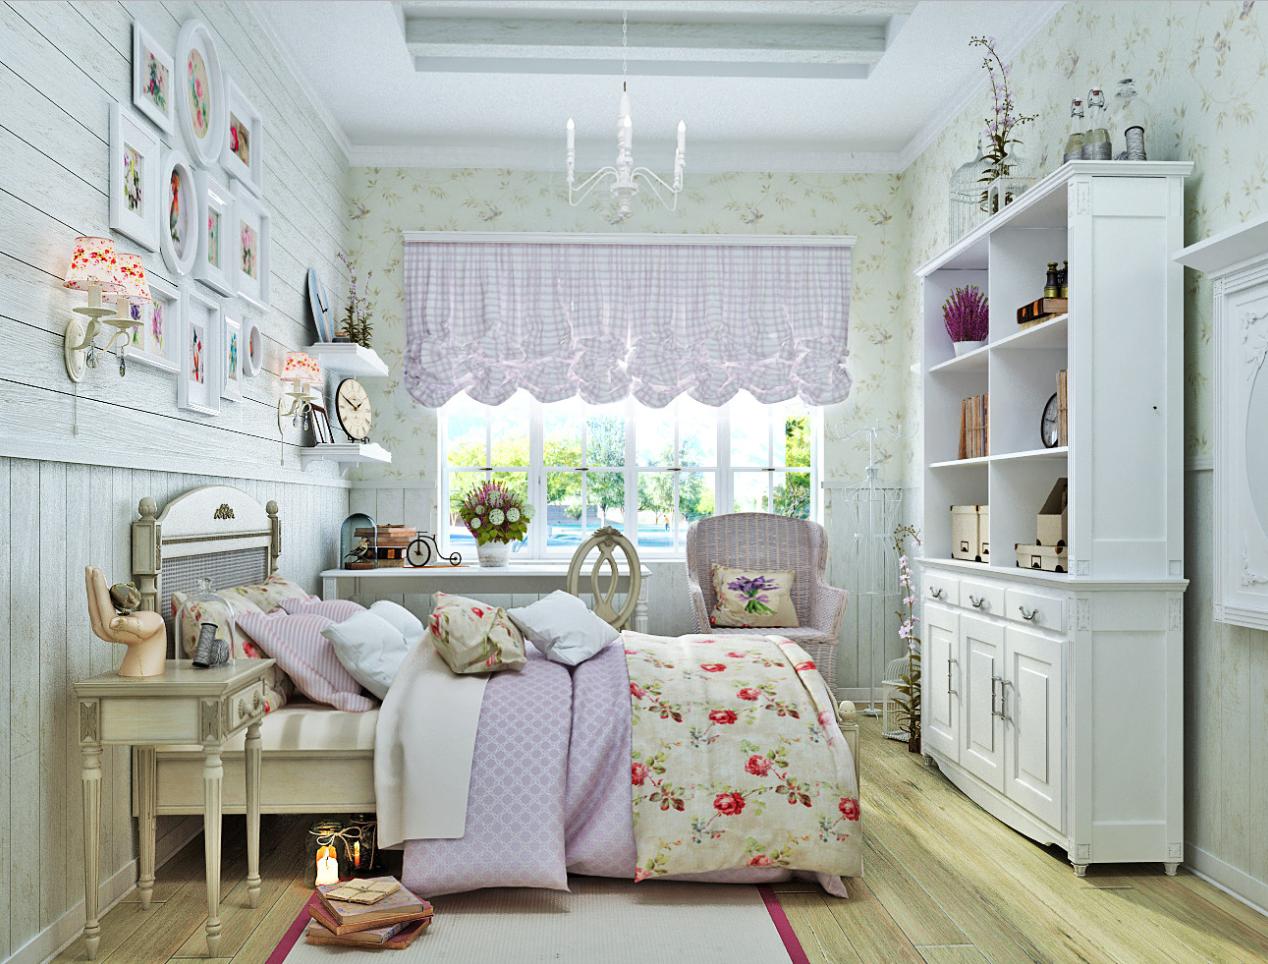 Дизайн интерьера детской комнаты для девочки в стиле прованс